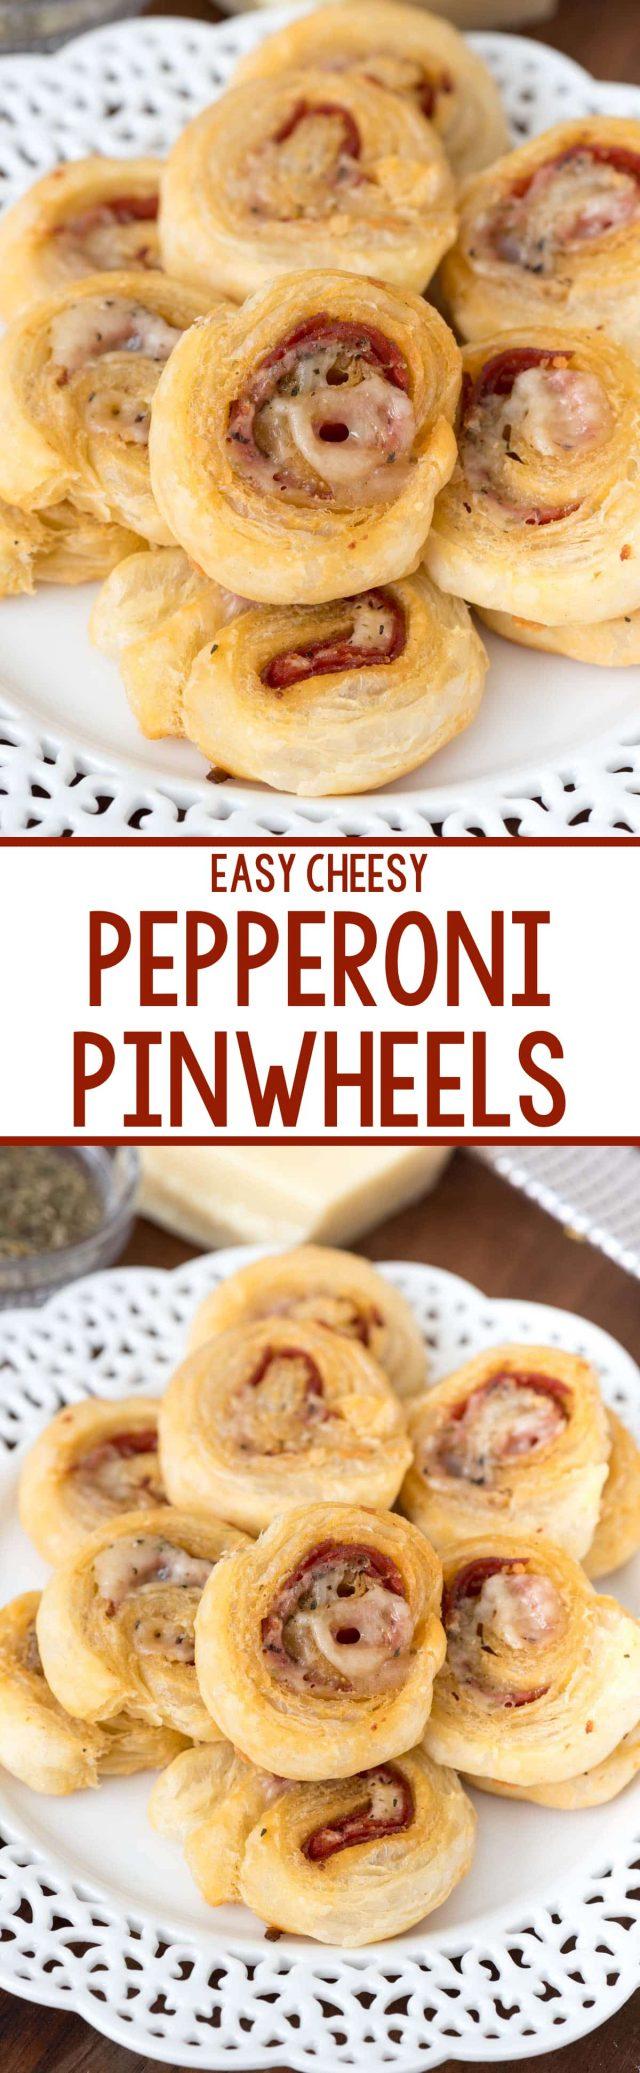 collage of pepperoni pinwheels